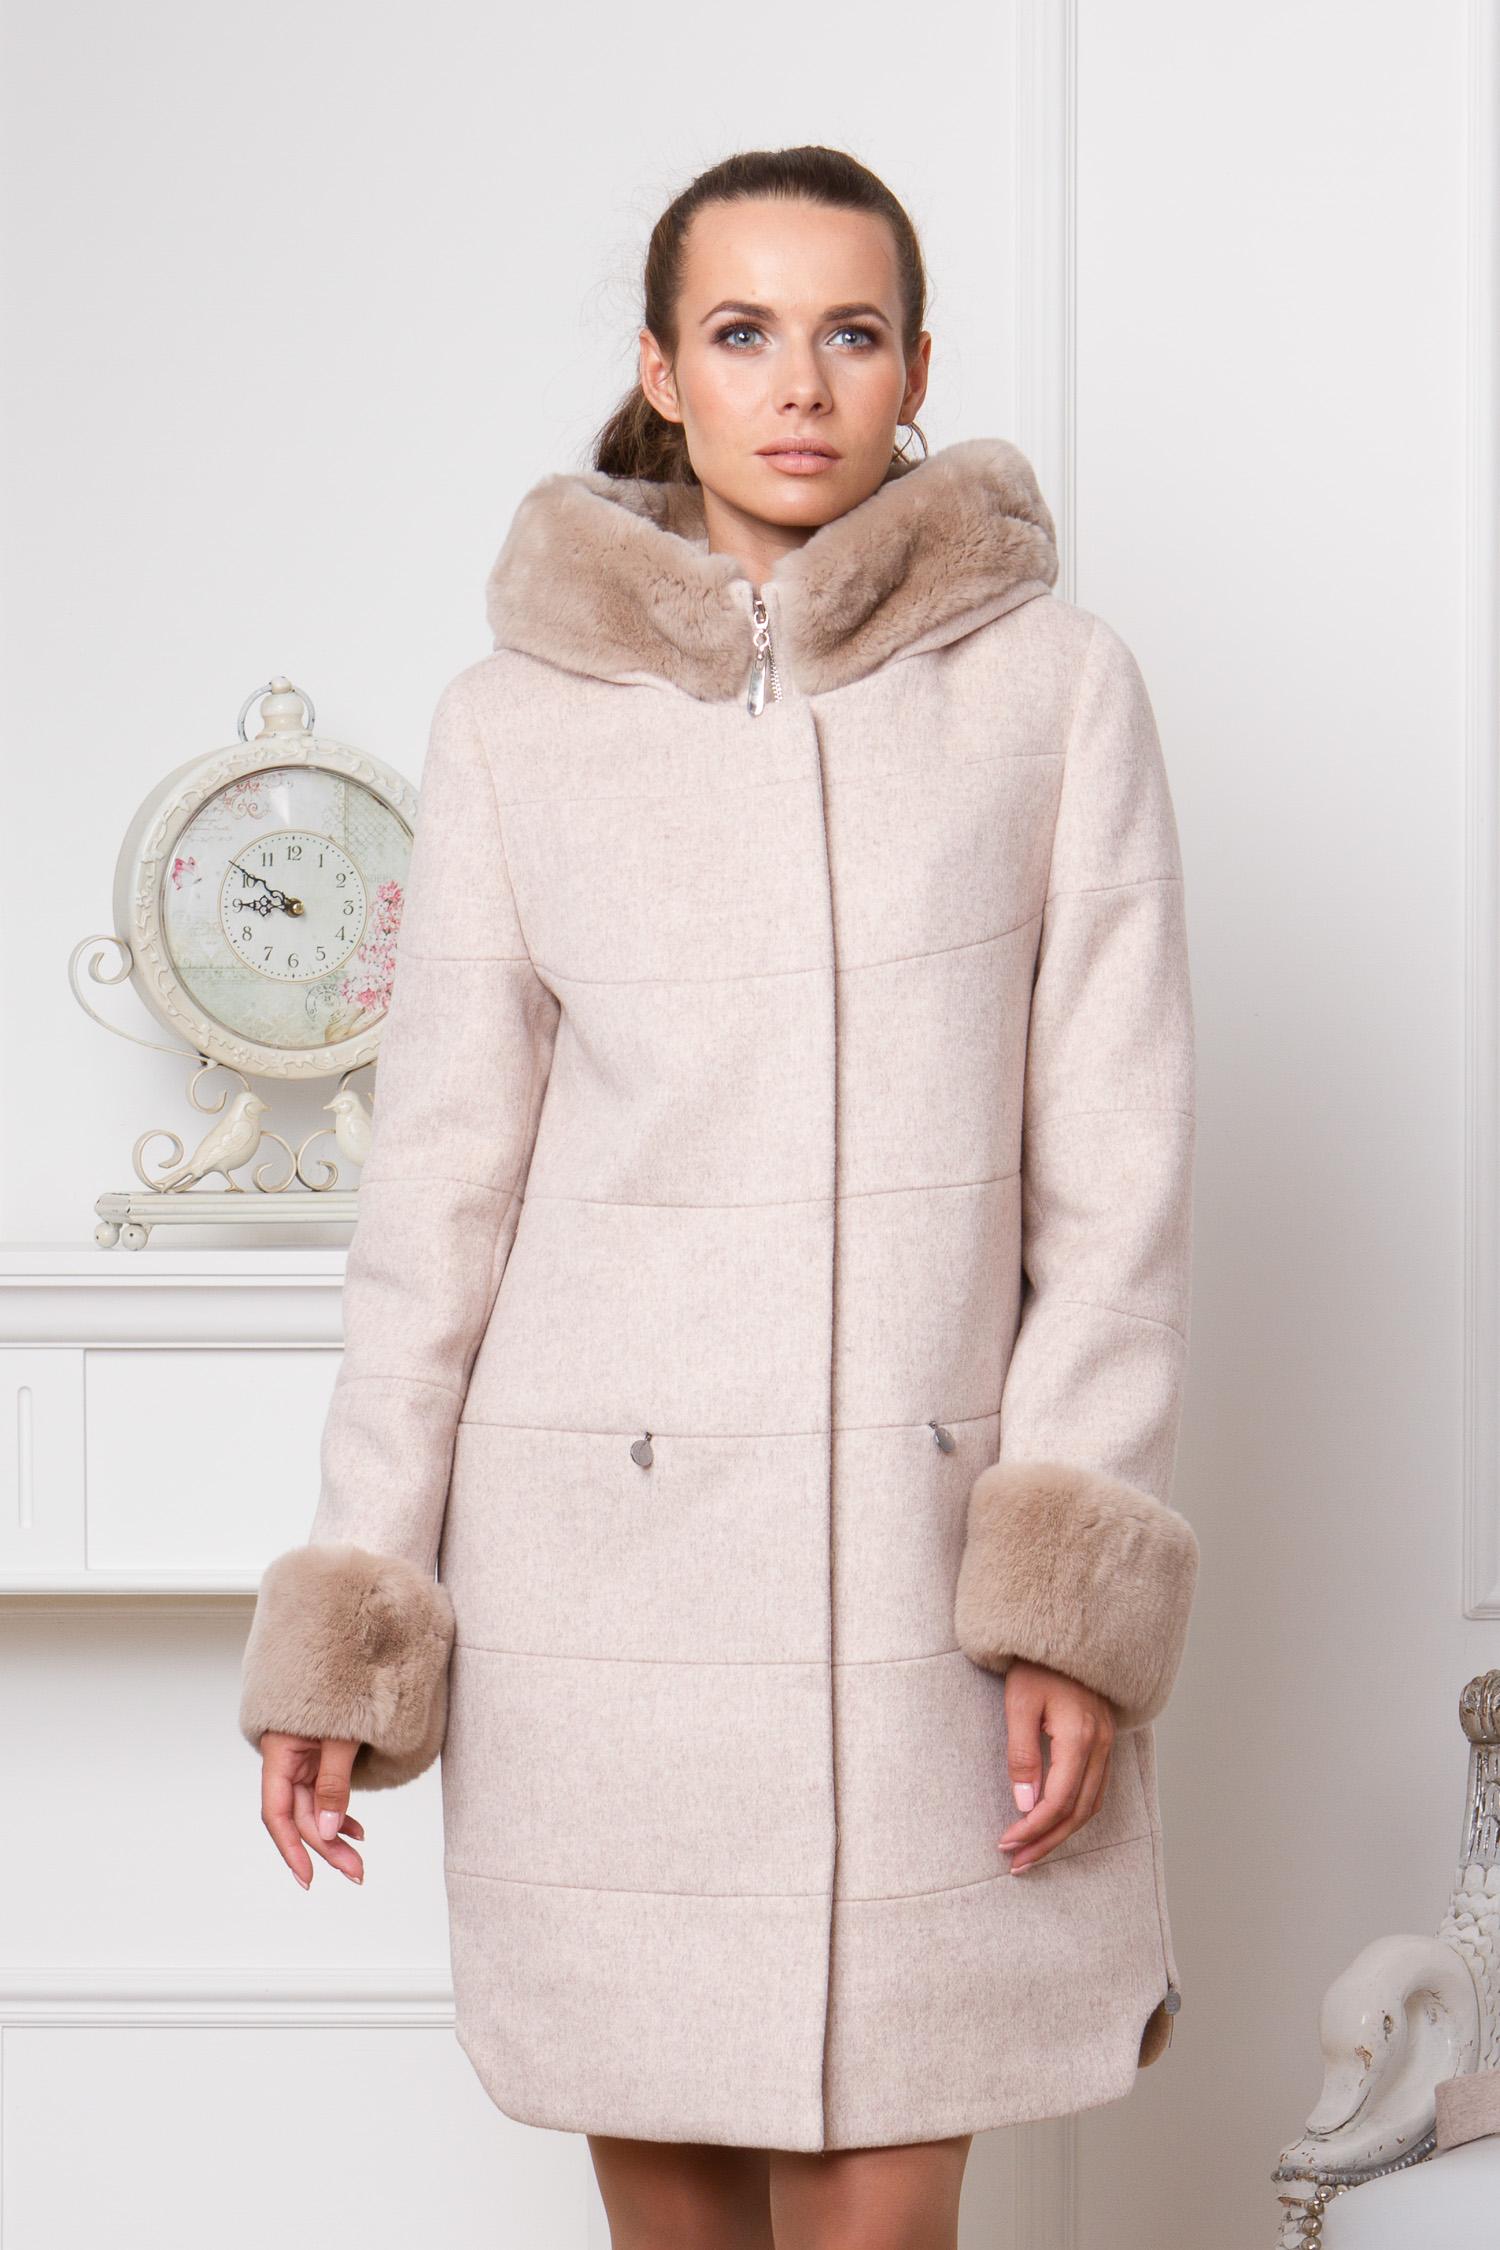 Женское пальто с капюшоном, отделка кролик<br><br>Воротник: съемный капюшон<br>Длина см: Длинная (свыше 90)<br>Материал: Текстиль<br>Цвет: бежевый<br>Вид застежки: потайная<br>Застежка: на кнопки<br>Пол: Женский<br>Размер RU: 52